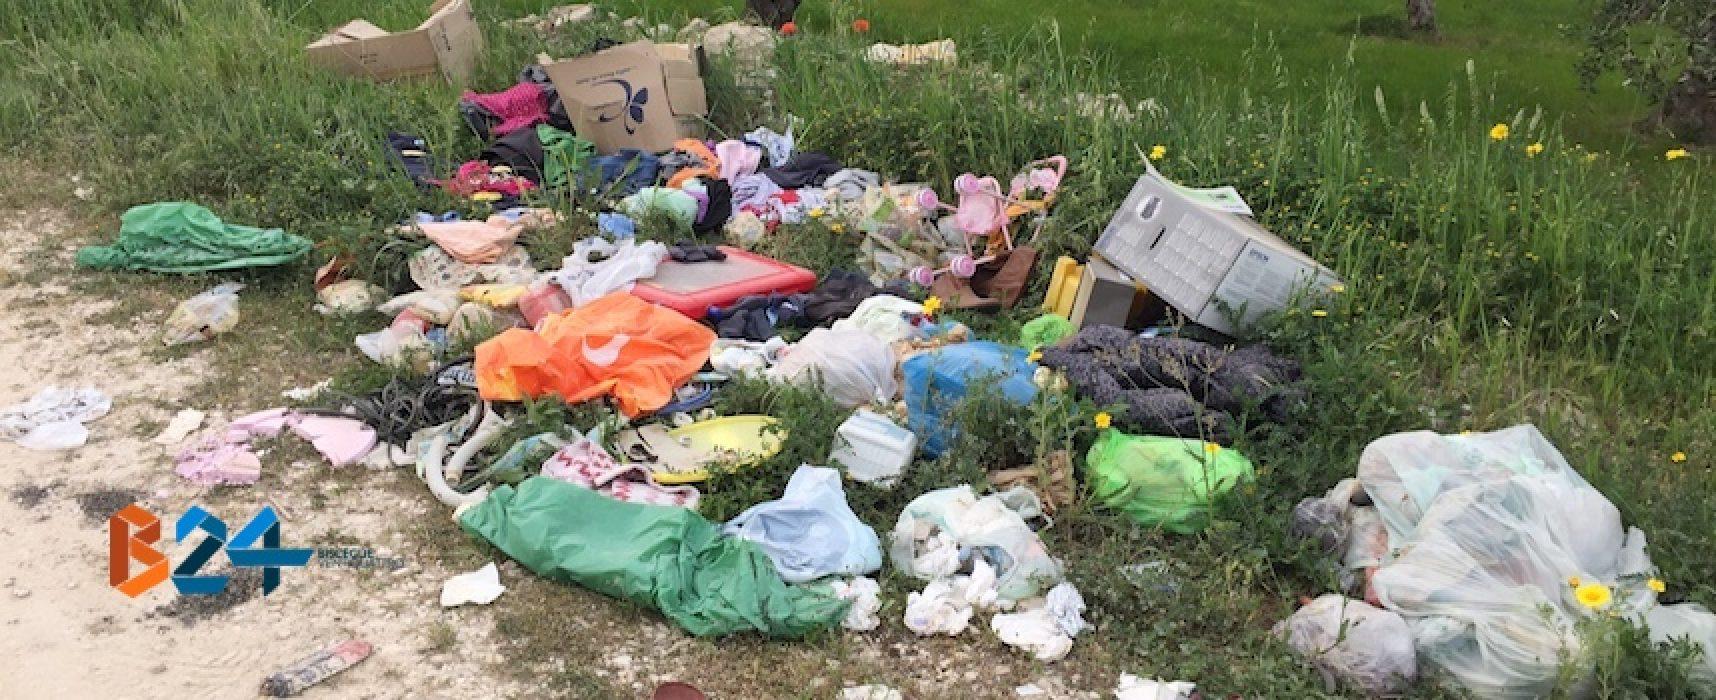 L'amministrazione comunale propone un tavolo tecnico contro l'abbandono rifiuti